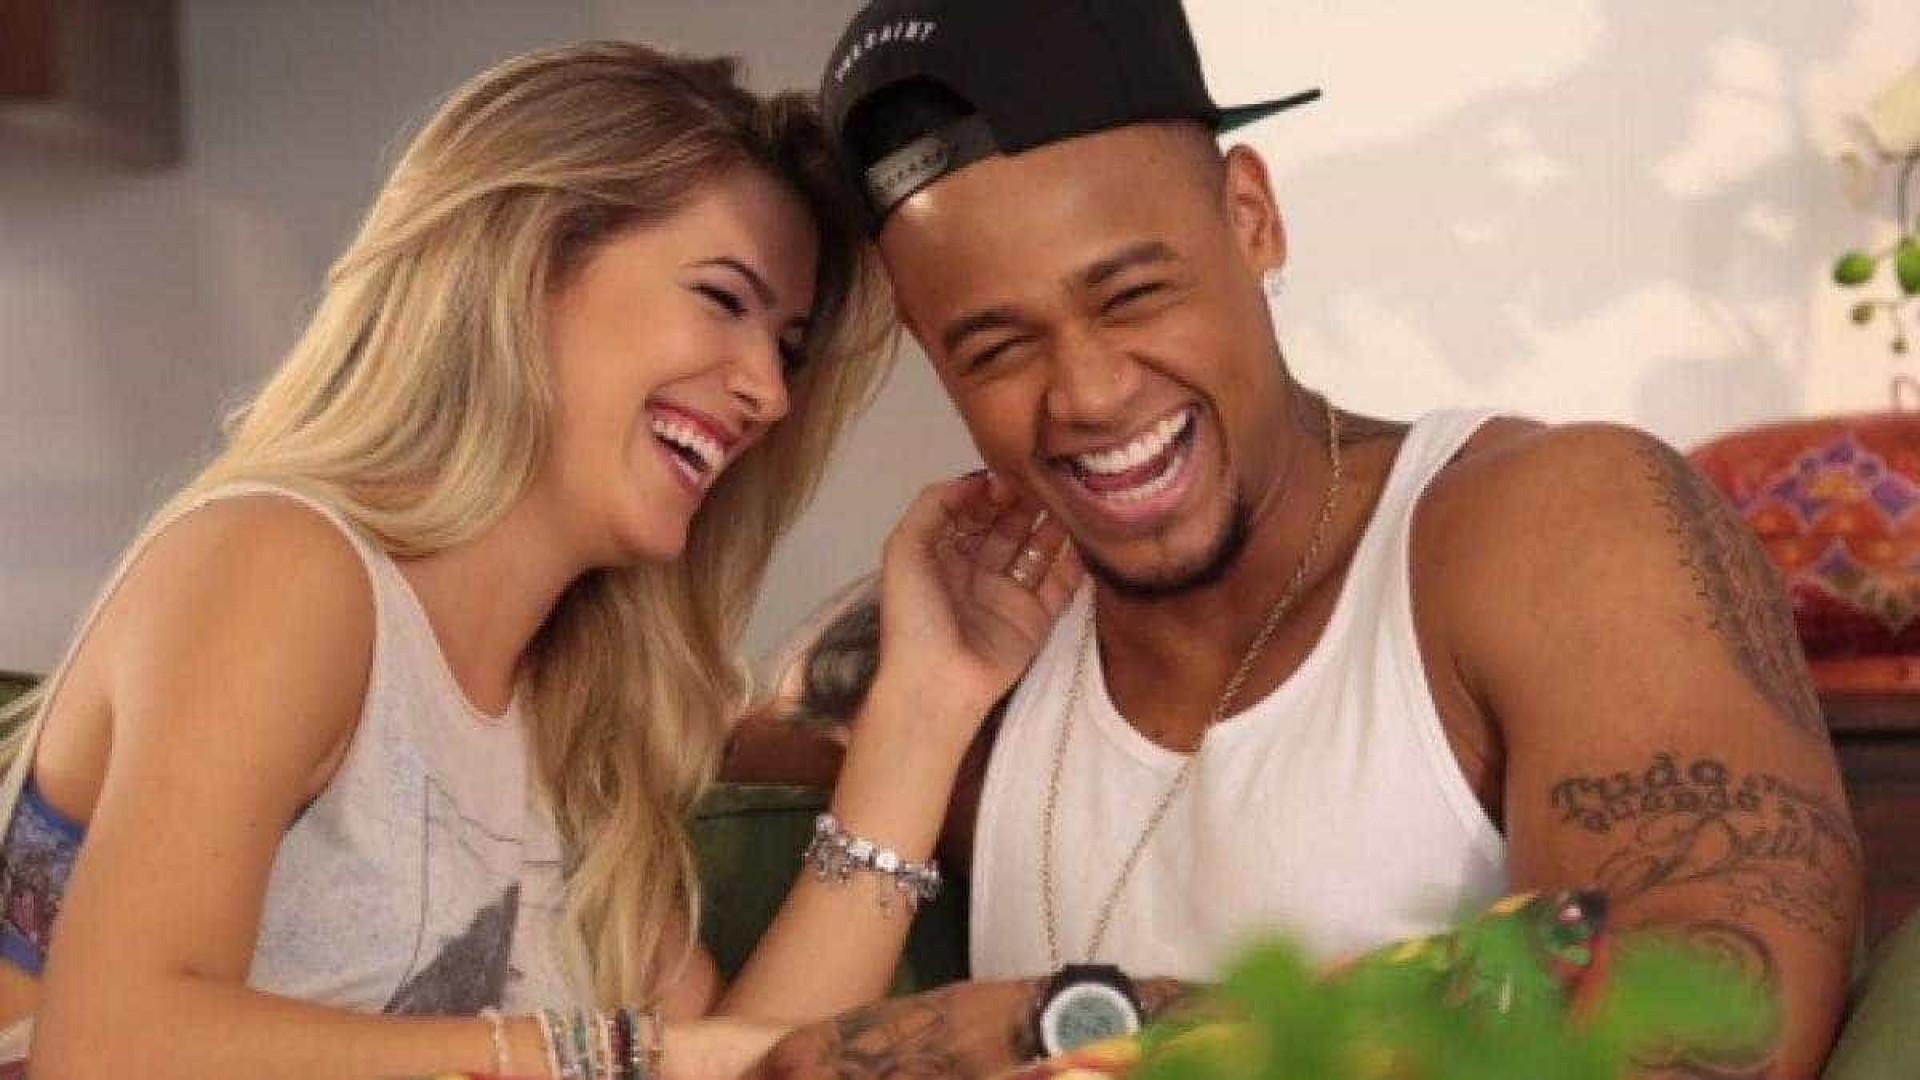 Léo Santana e Lore Improta namoram 'sem rótulo' e planejam casamento